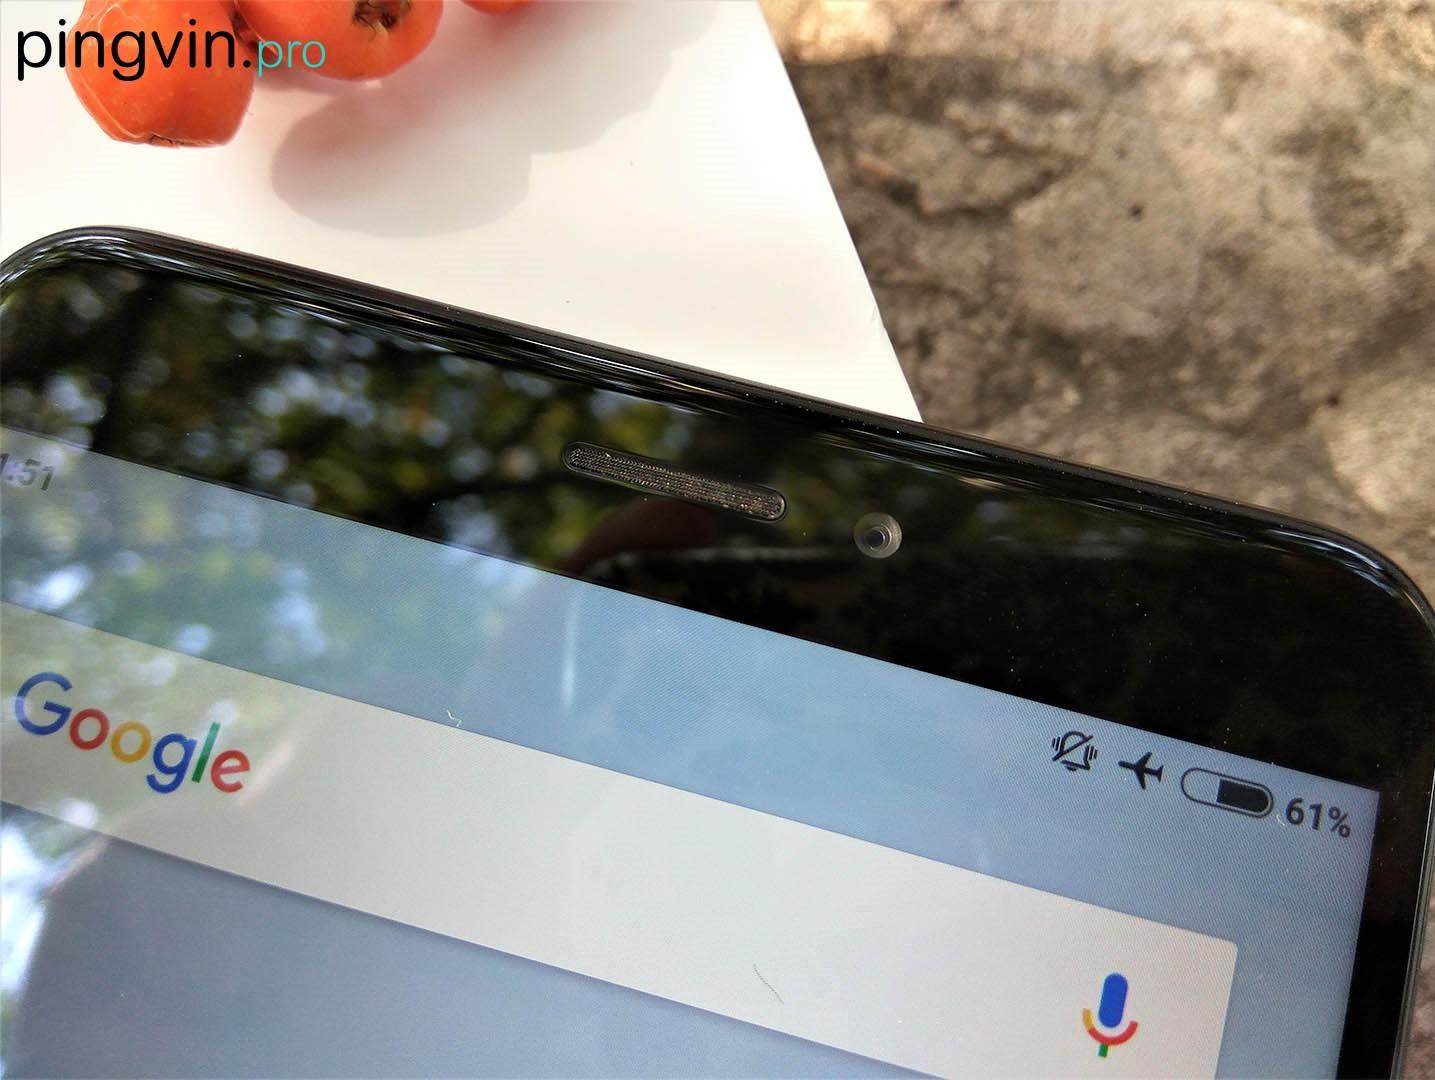 Xiaomi випустила бета-версію MIUI 10 для смартфонів Redmi та Mi